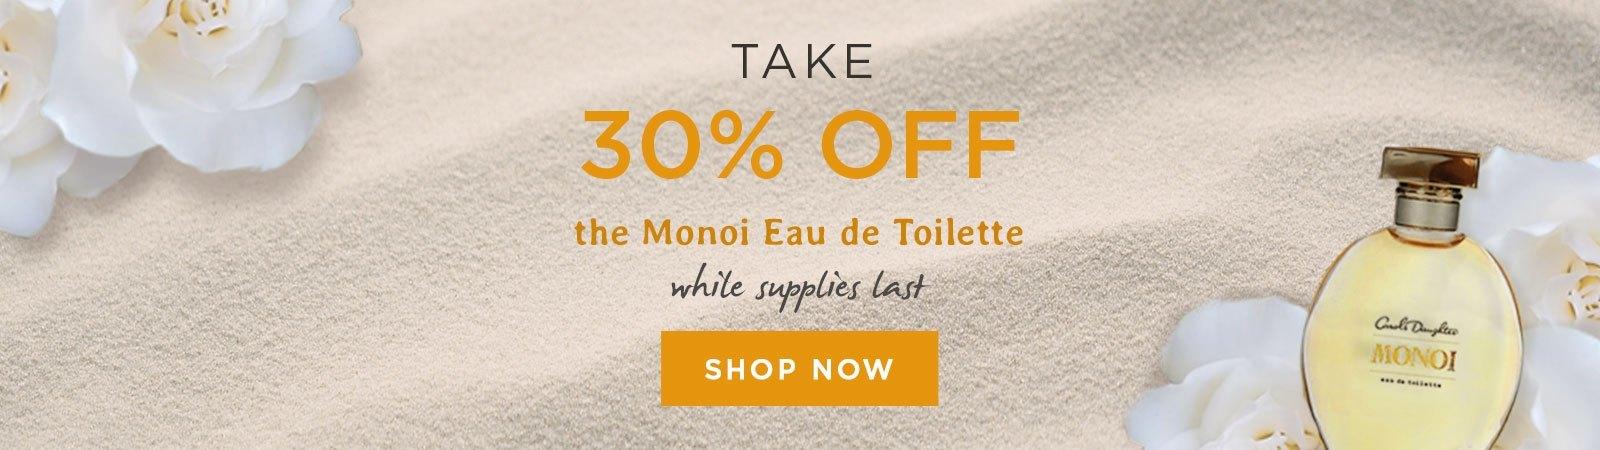 30% Off Monoi Eau de Toilette. Shop Now.